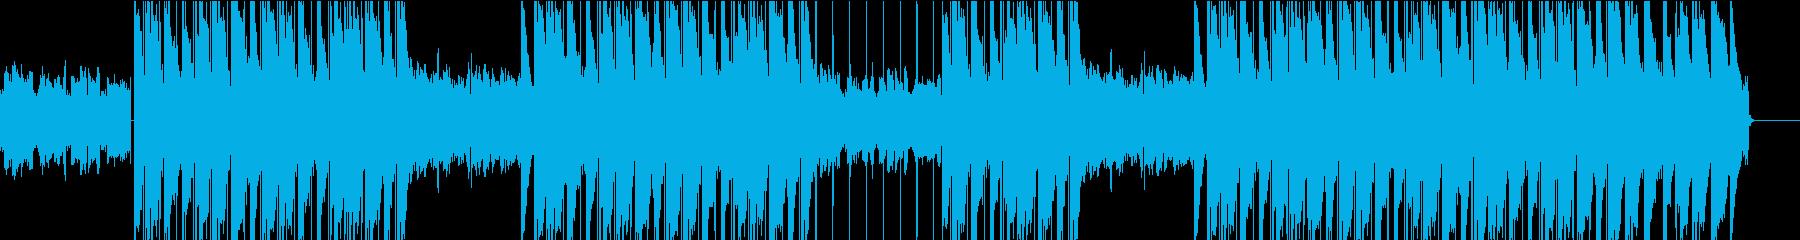 ギターチルアウト・ヒップホップ・トラップの再生済みの波形